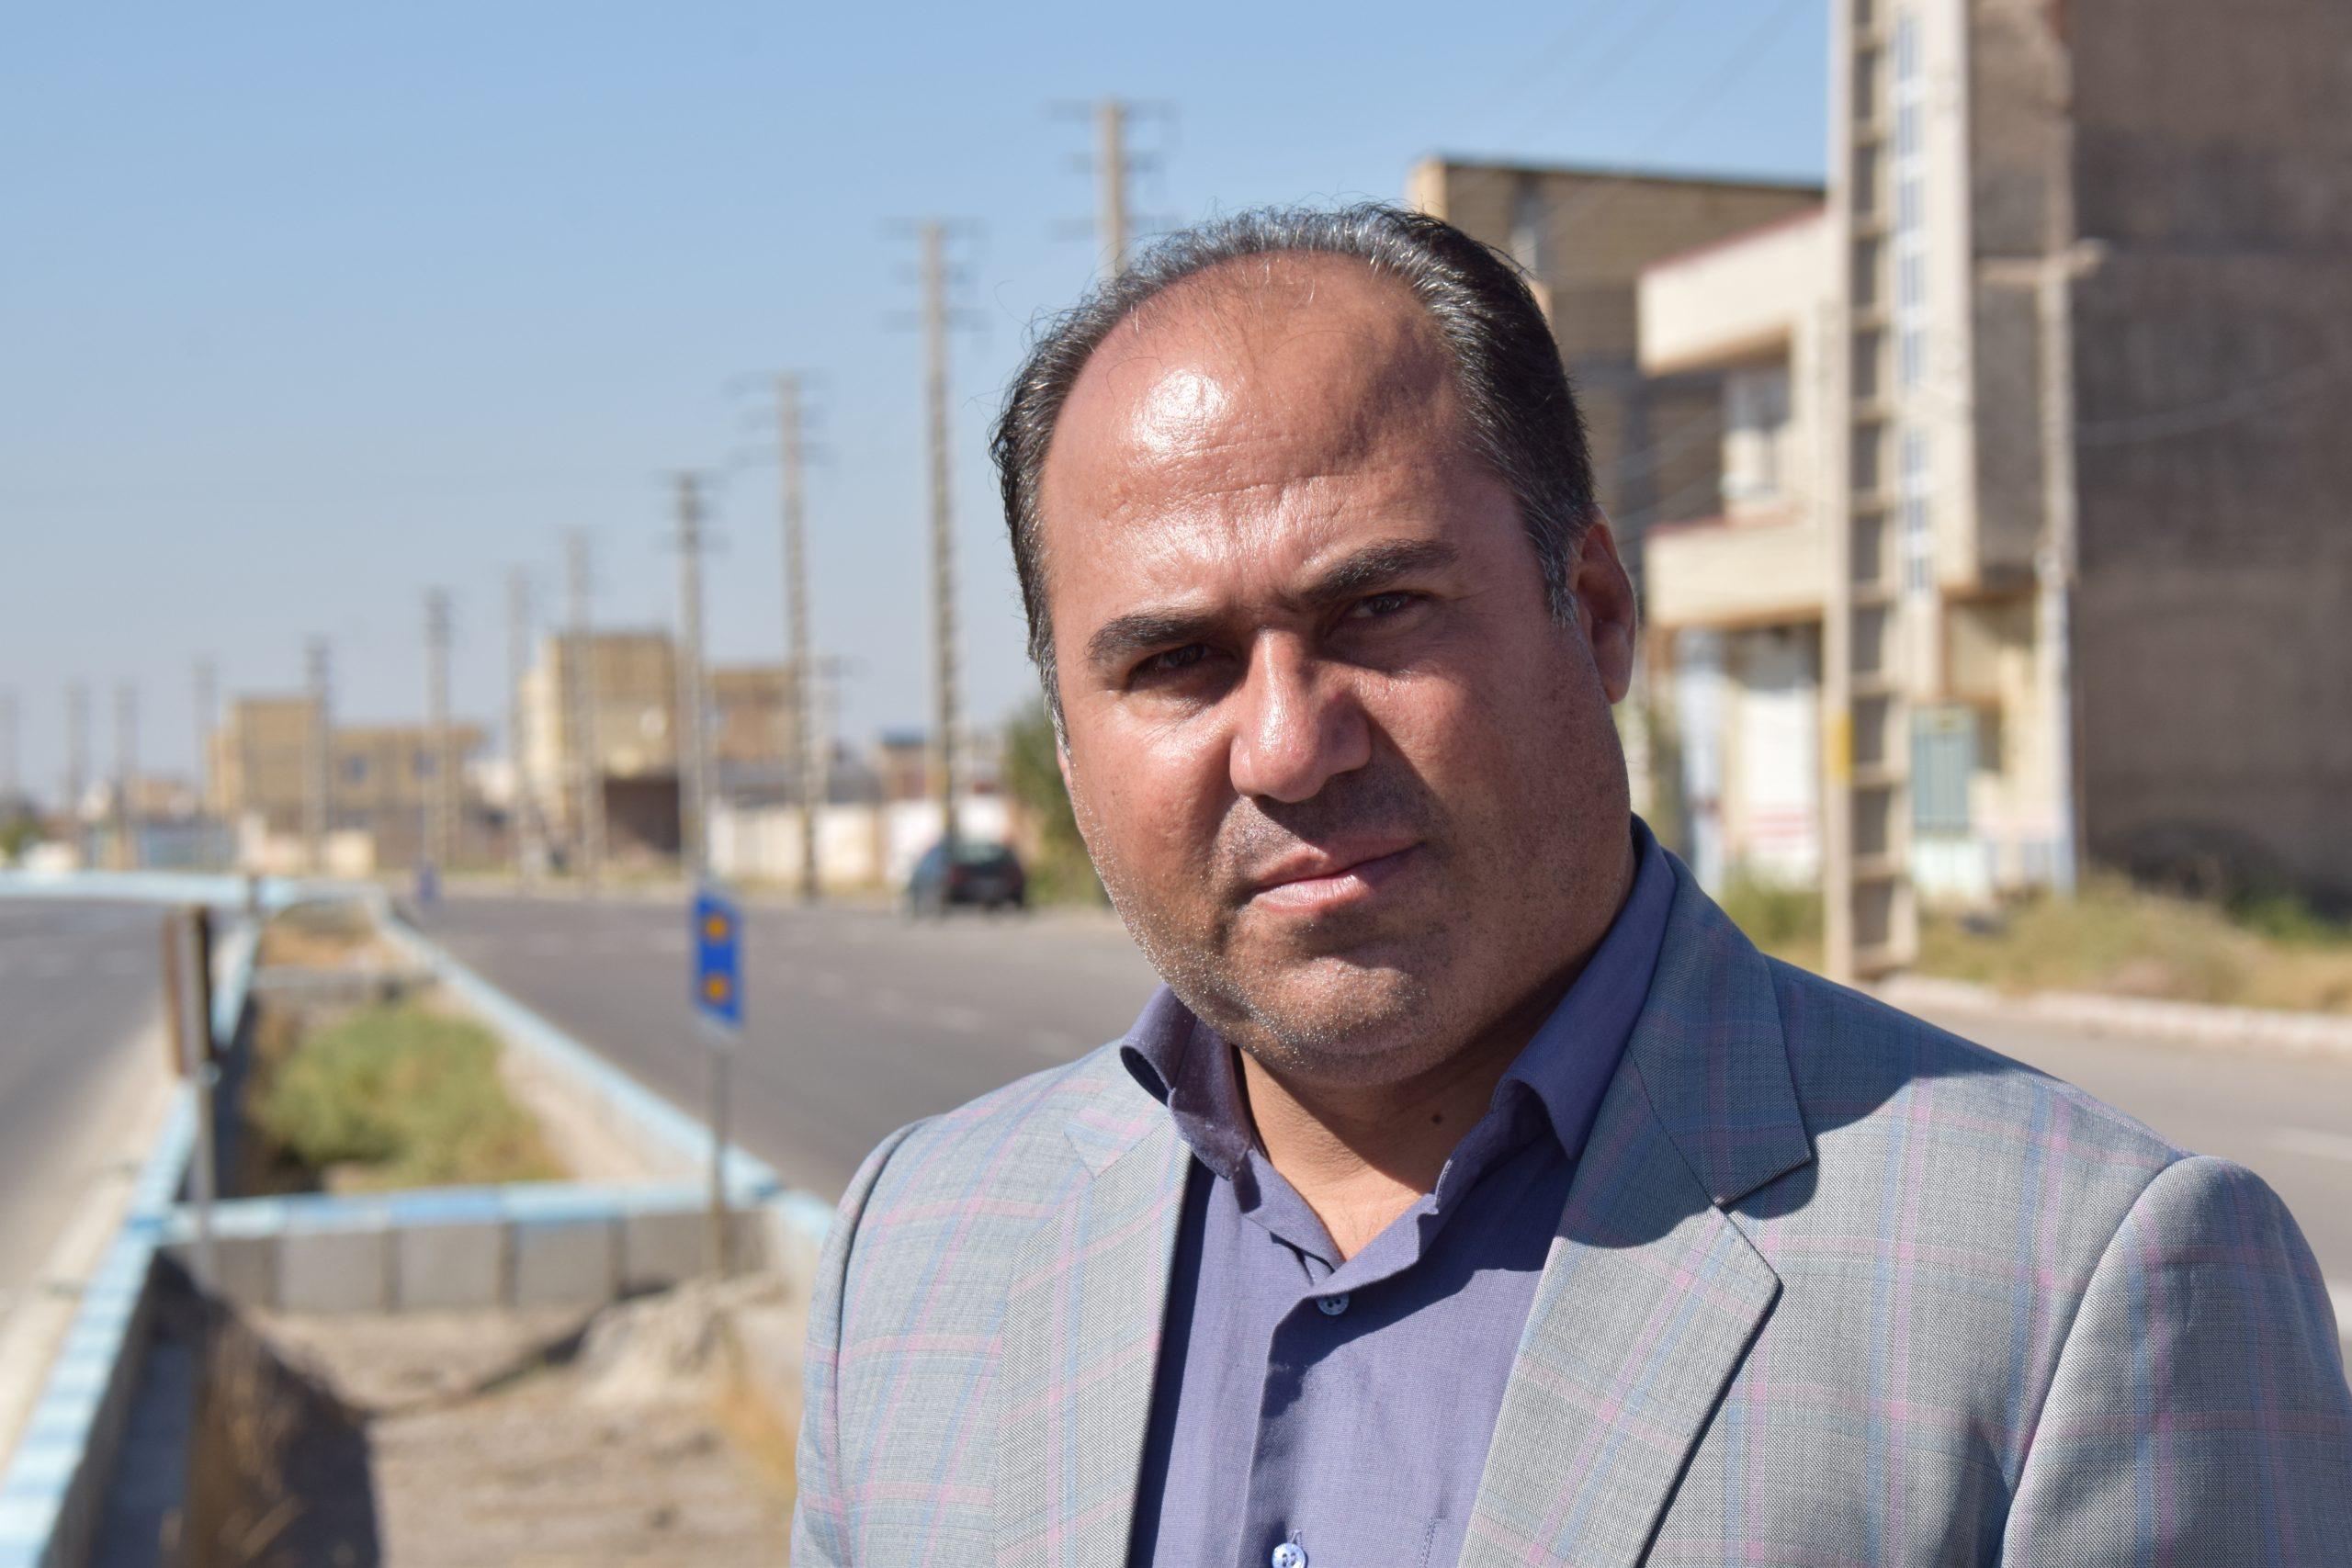 نهضت آسفالت در روستاهای شهرستان تبریز